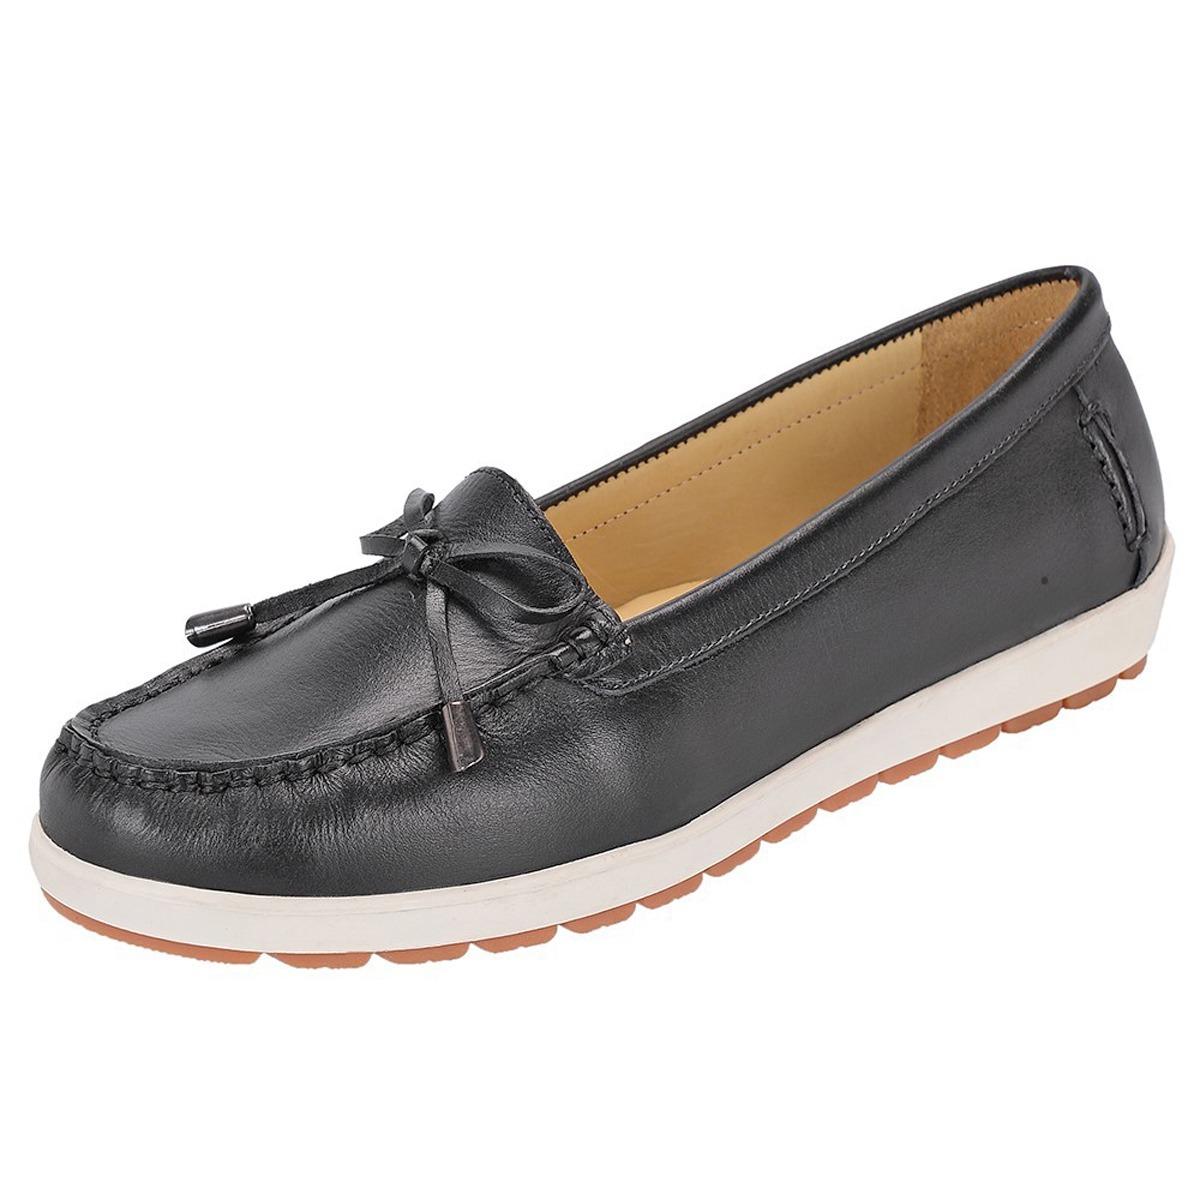 6d900a6d40 sapato feminino mocassim casual 100% couro legítimo preto. Carregando zoom.